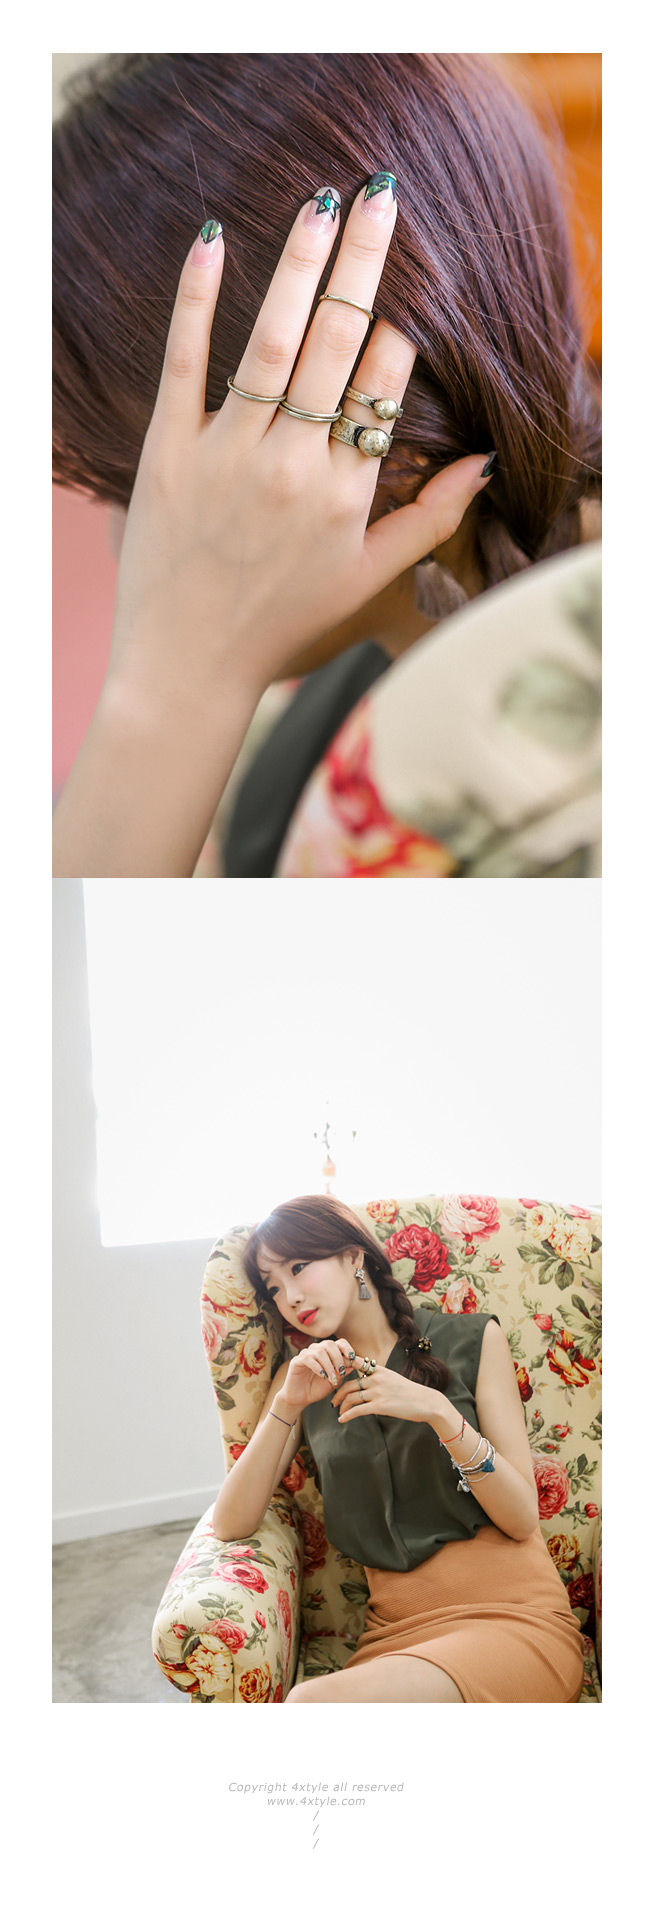 [5개1세트] 메이폴 엔틱 반지 - 폭스타일, 9,000원, 패션, 패션반지